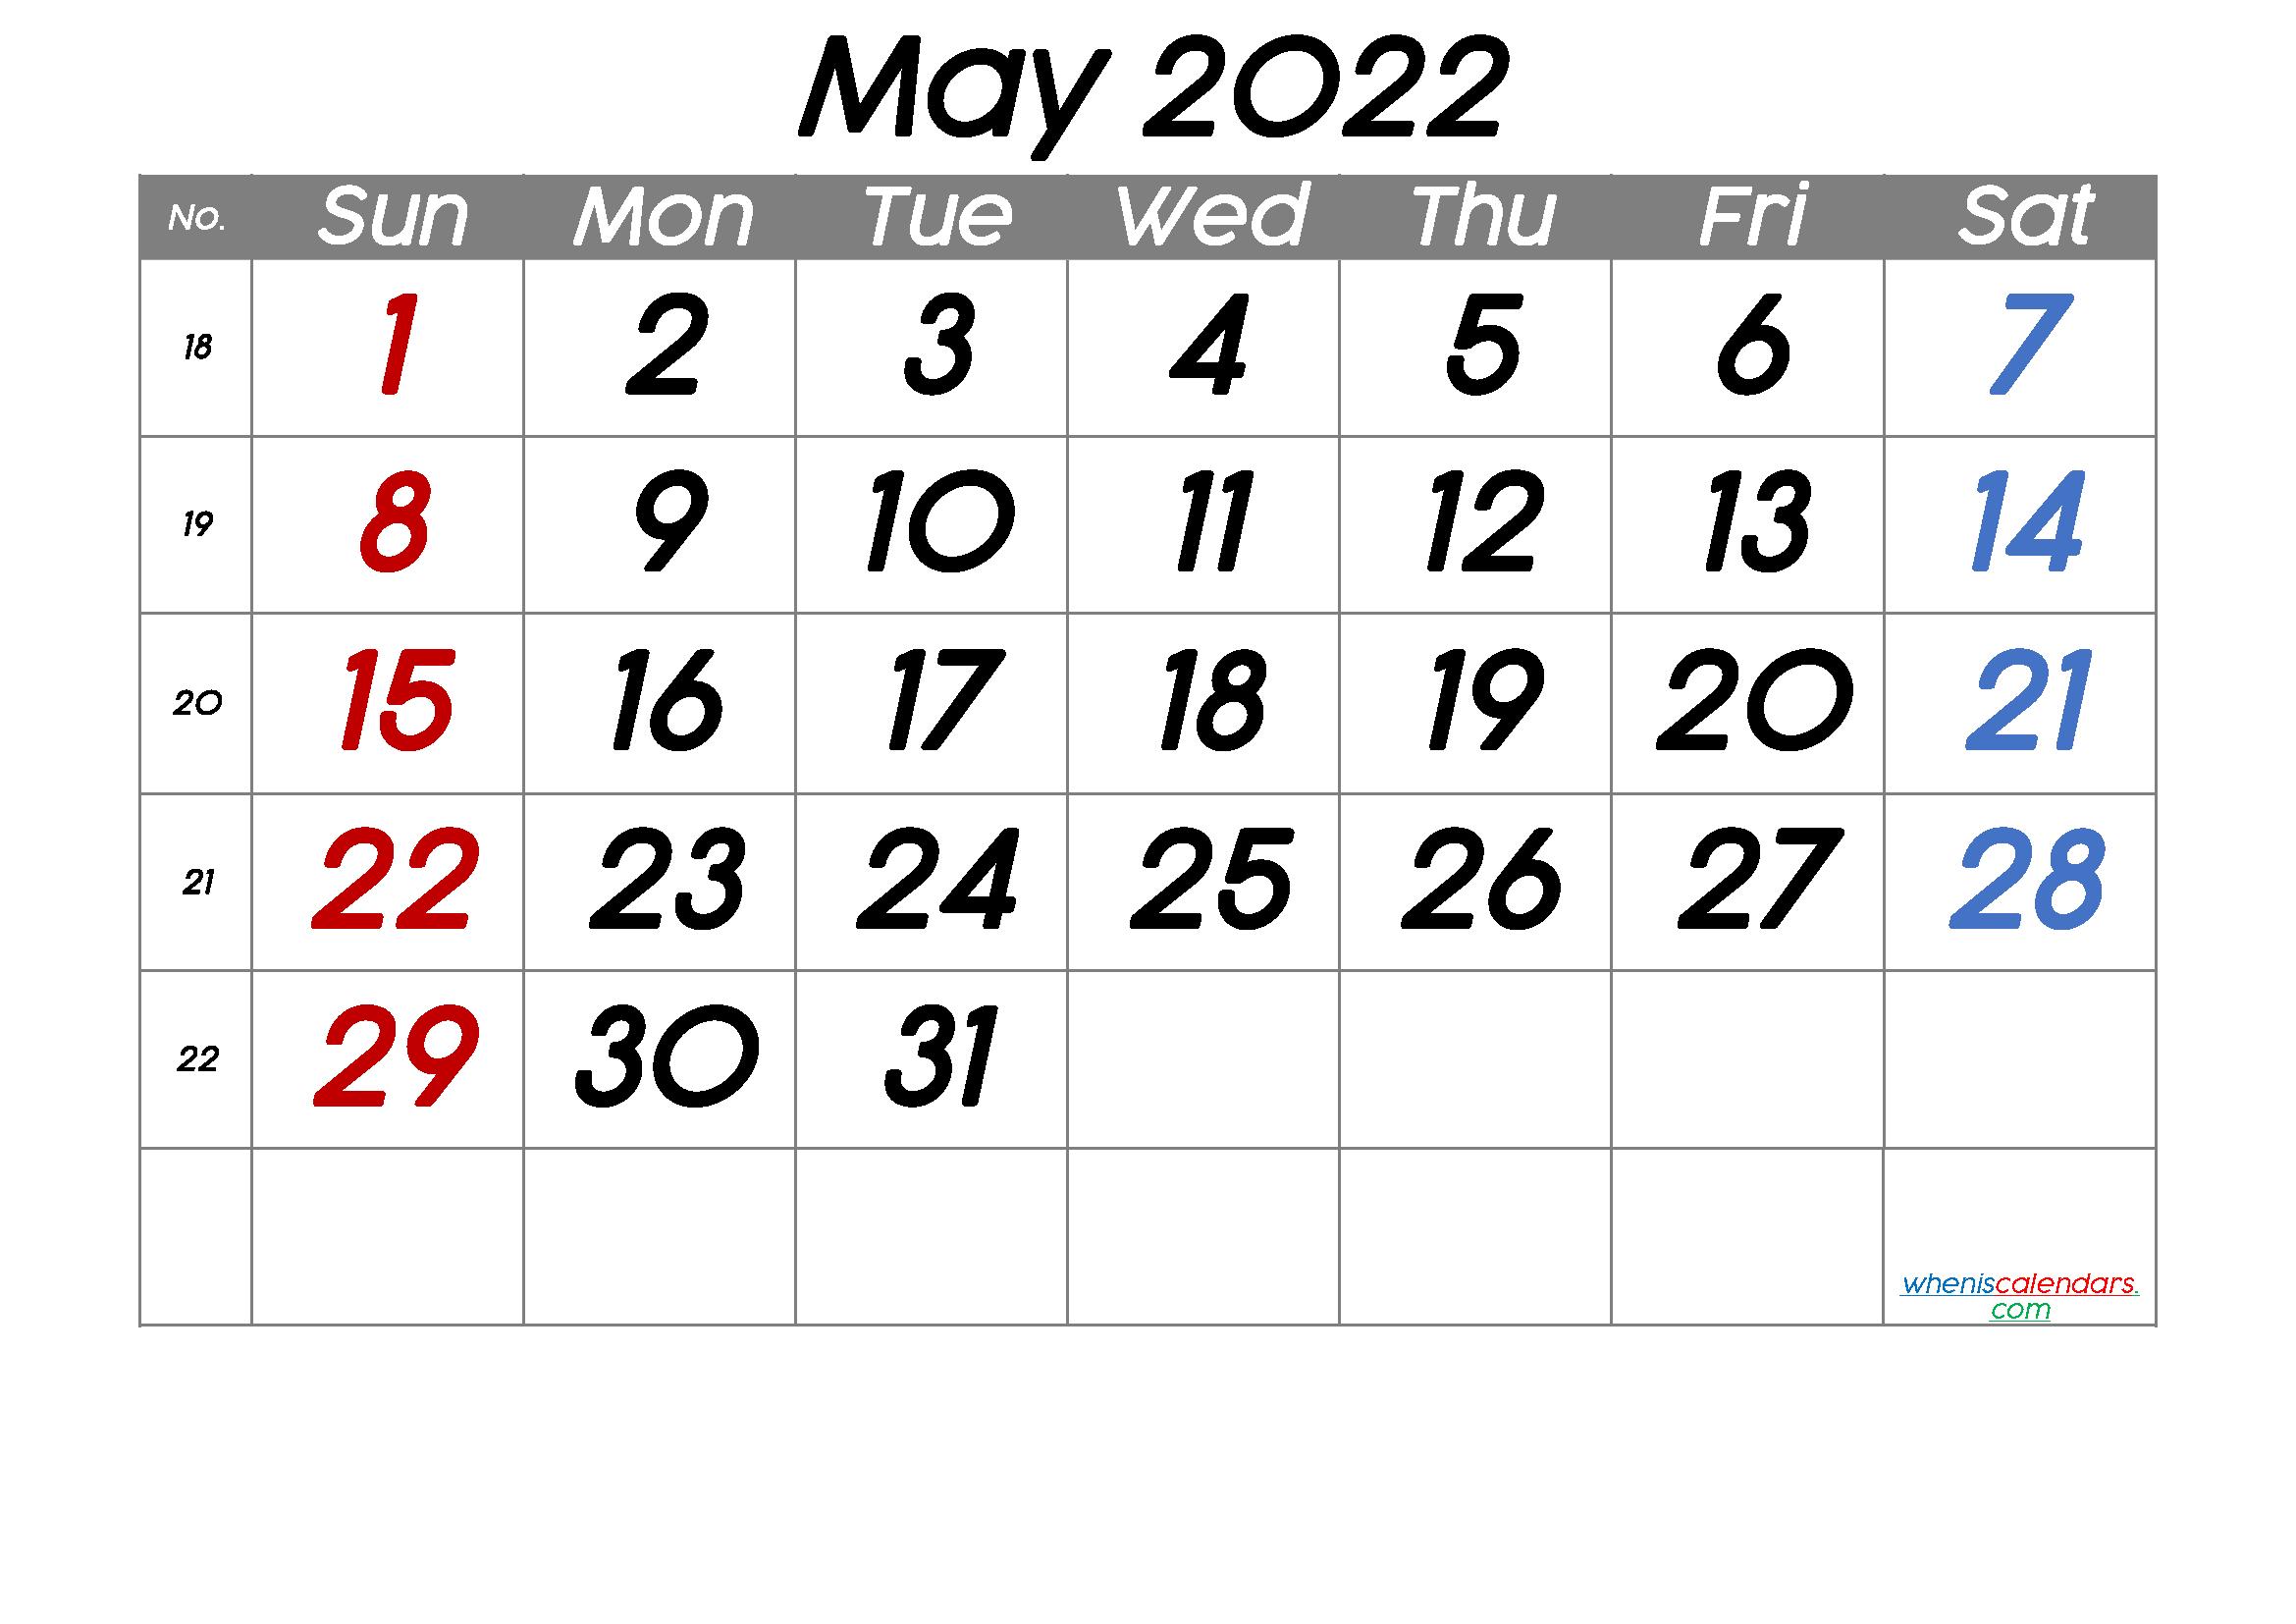 Printable May 2022 Calendar With Week Numbers - Free in May 2022 Calendar Printable